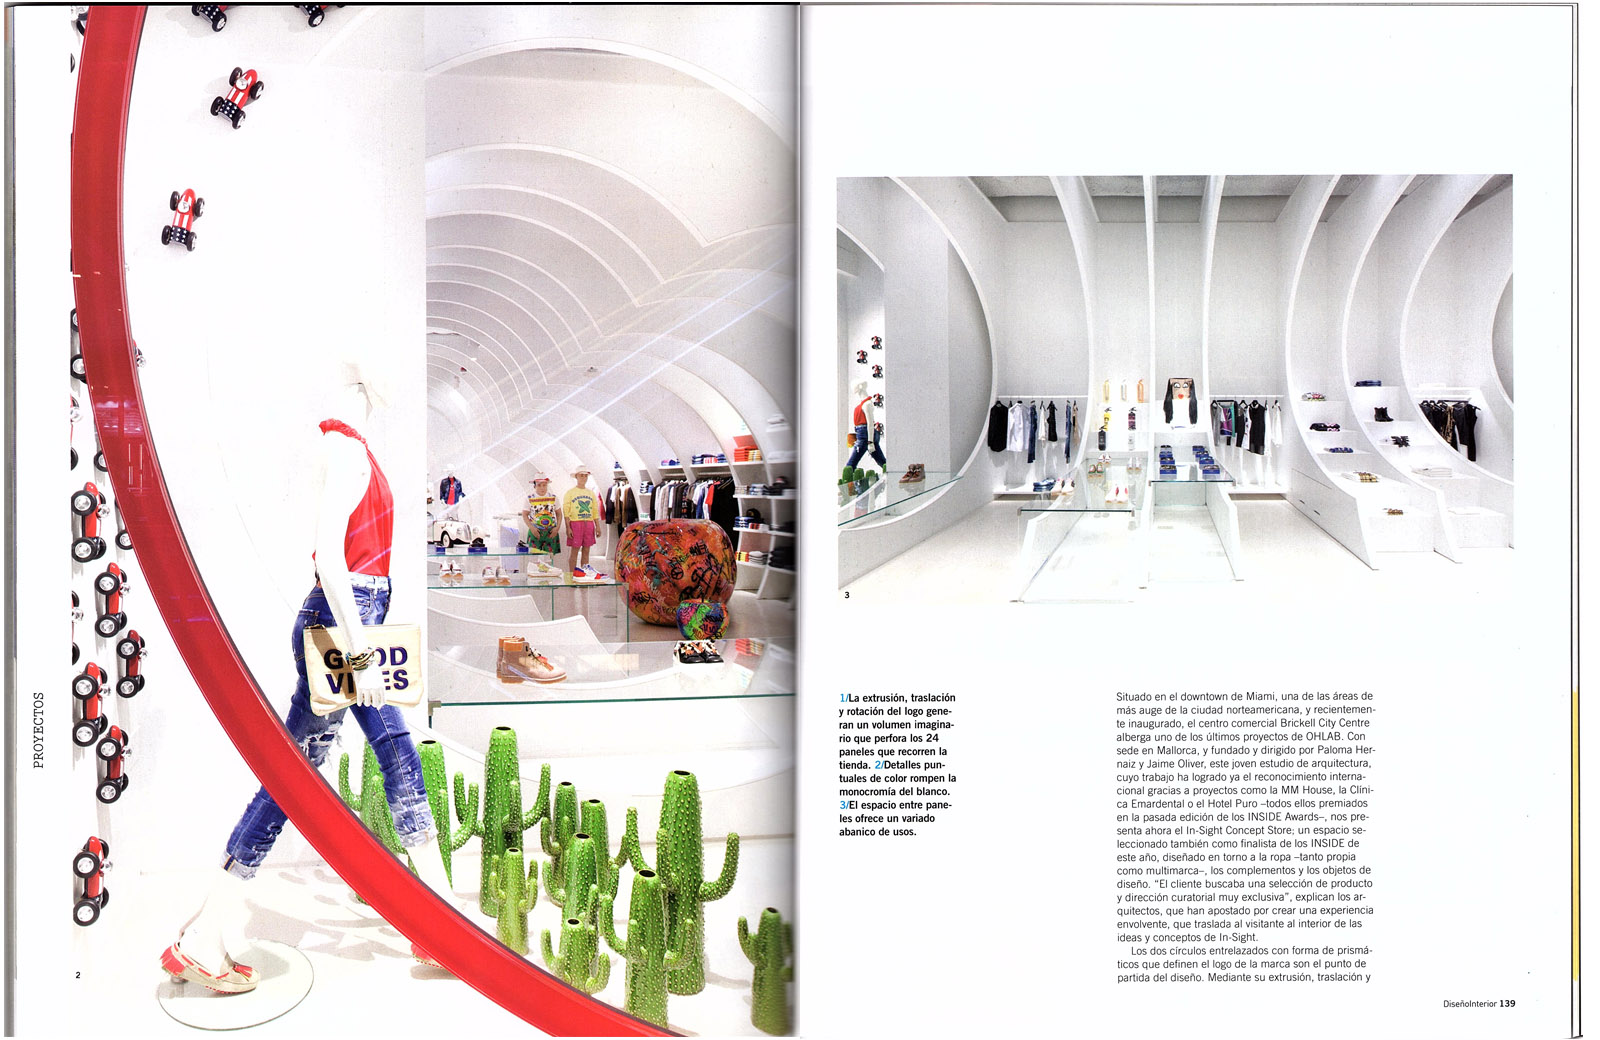 diseno-interior_miami-concept-store_02